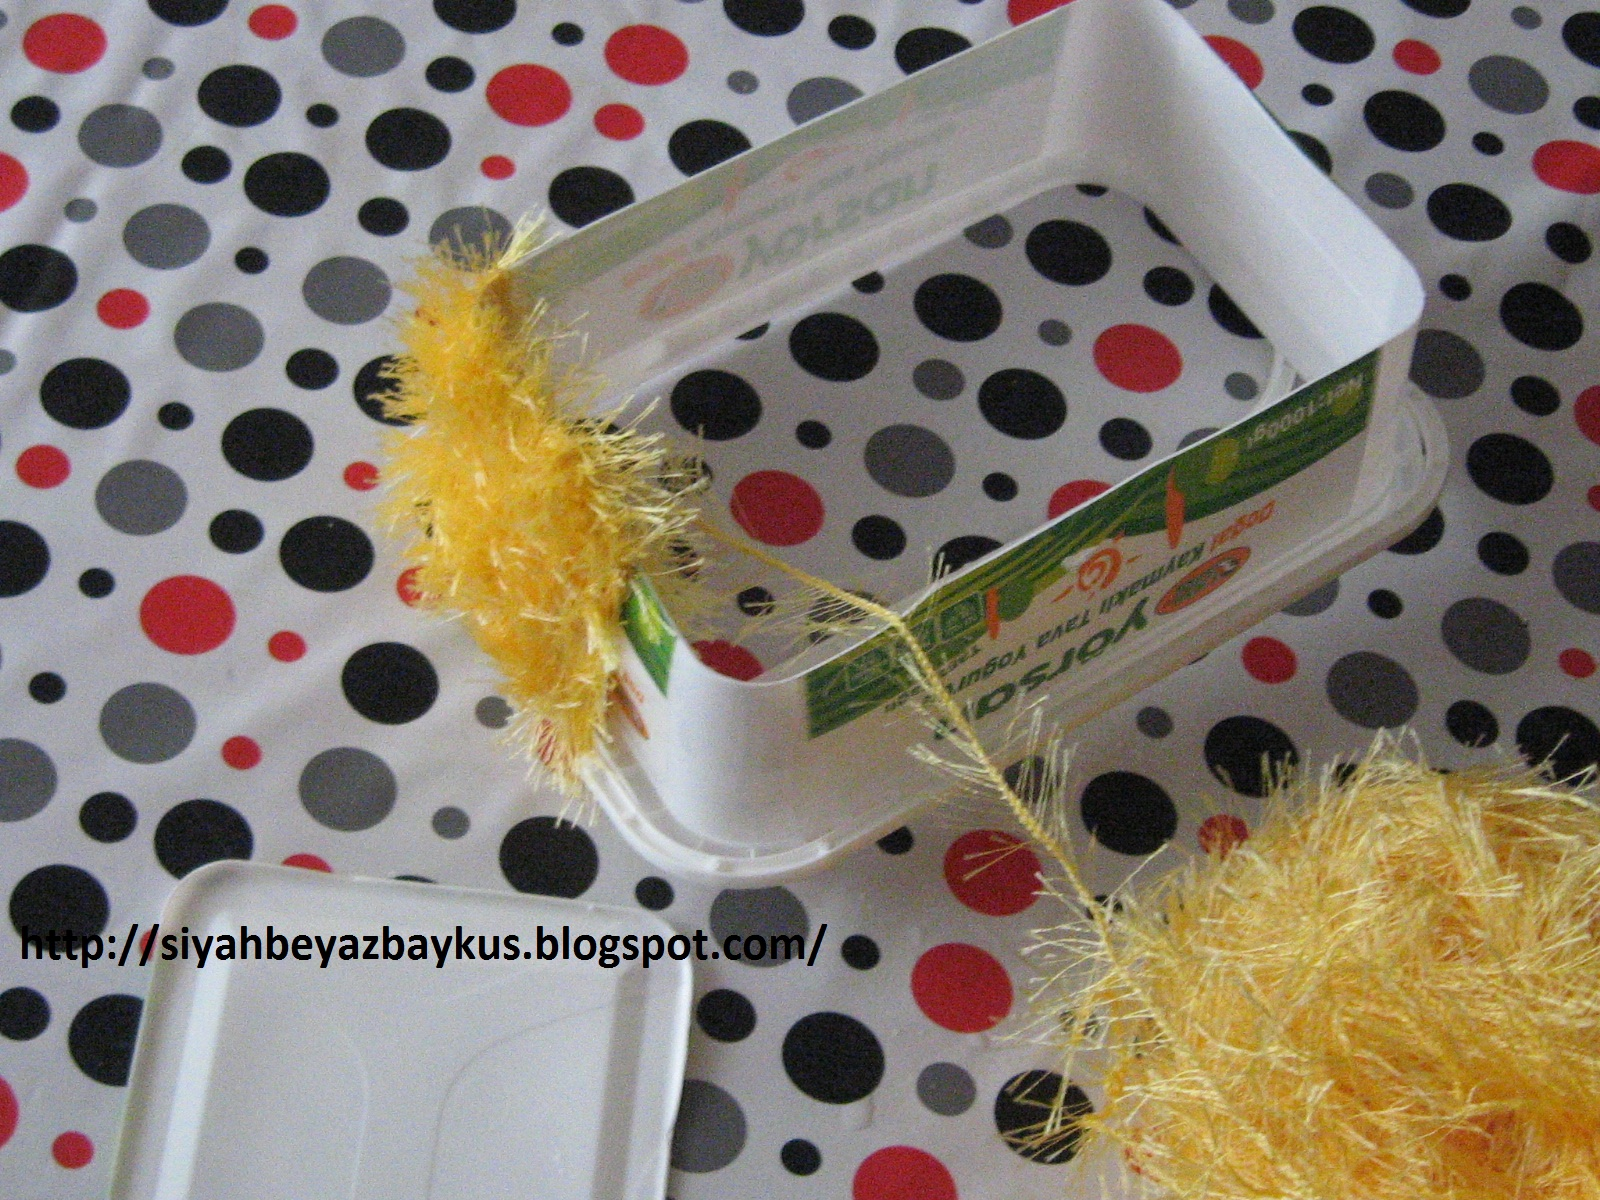 Meyveli Yoğurt Kabından Şeker Kutusu Yapımı